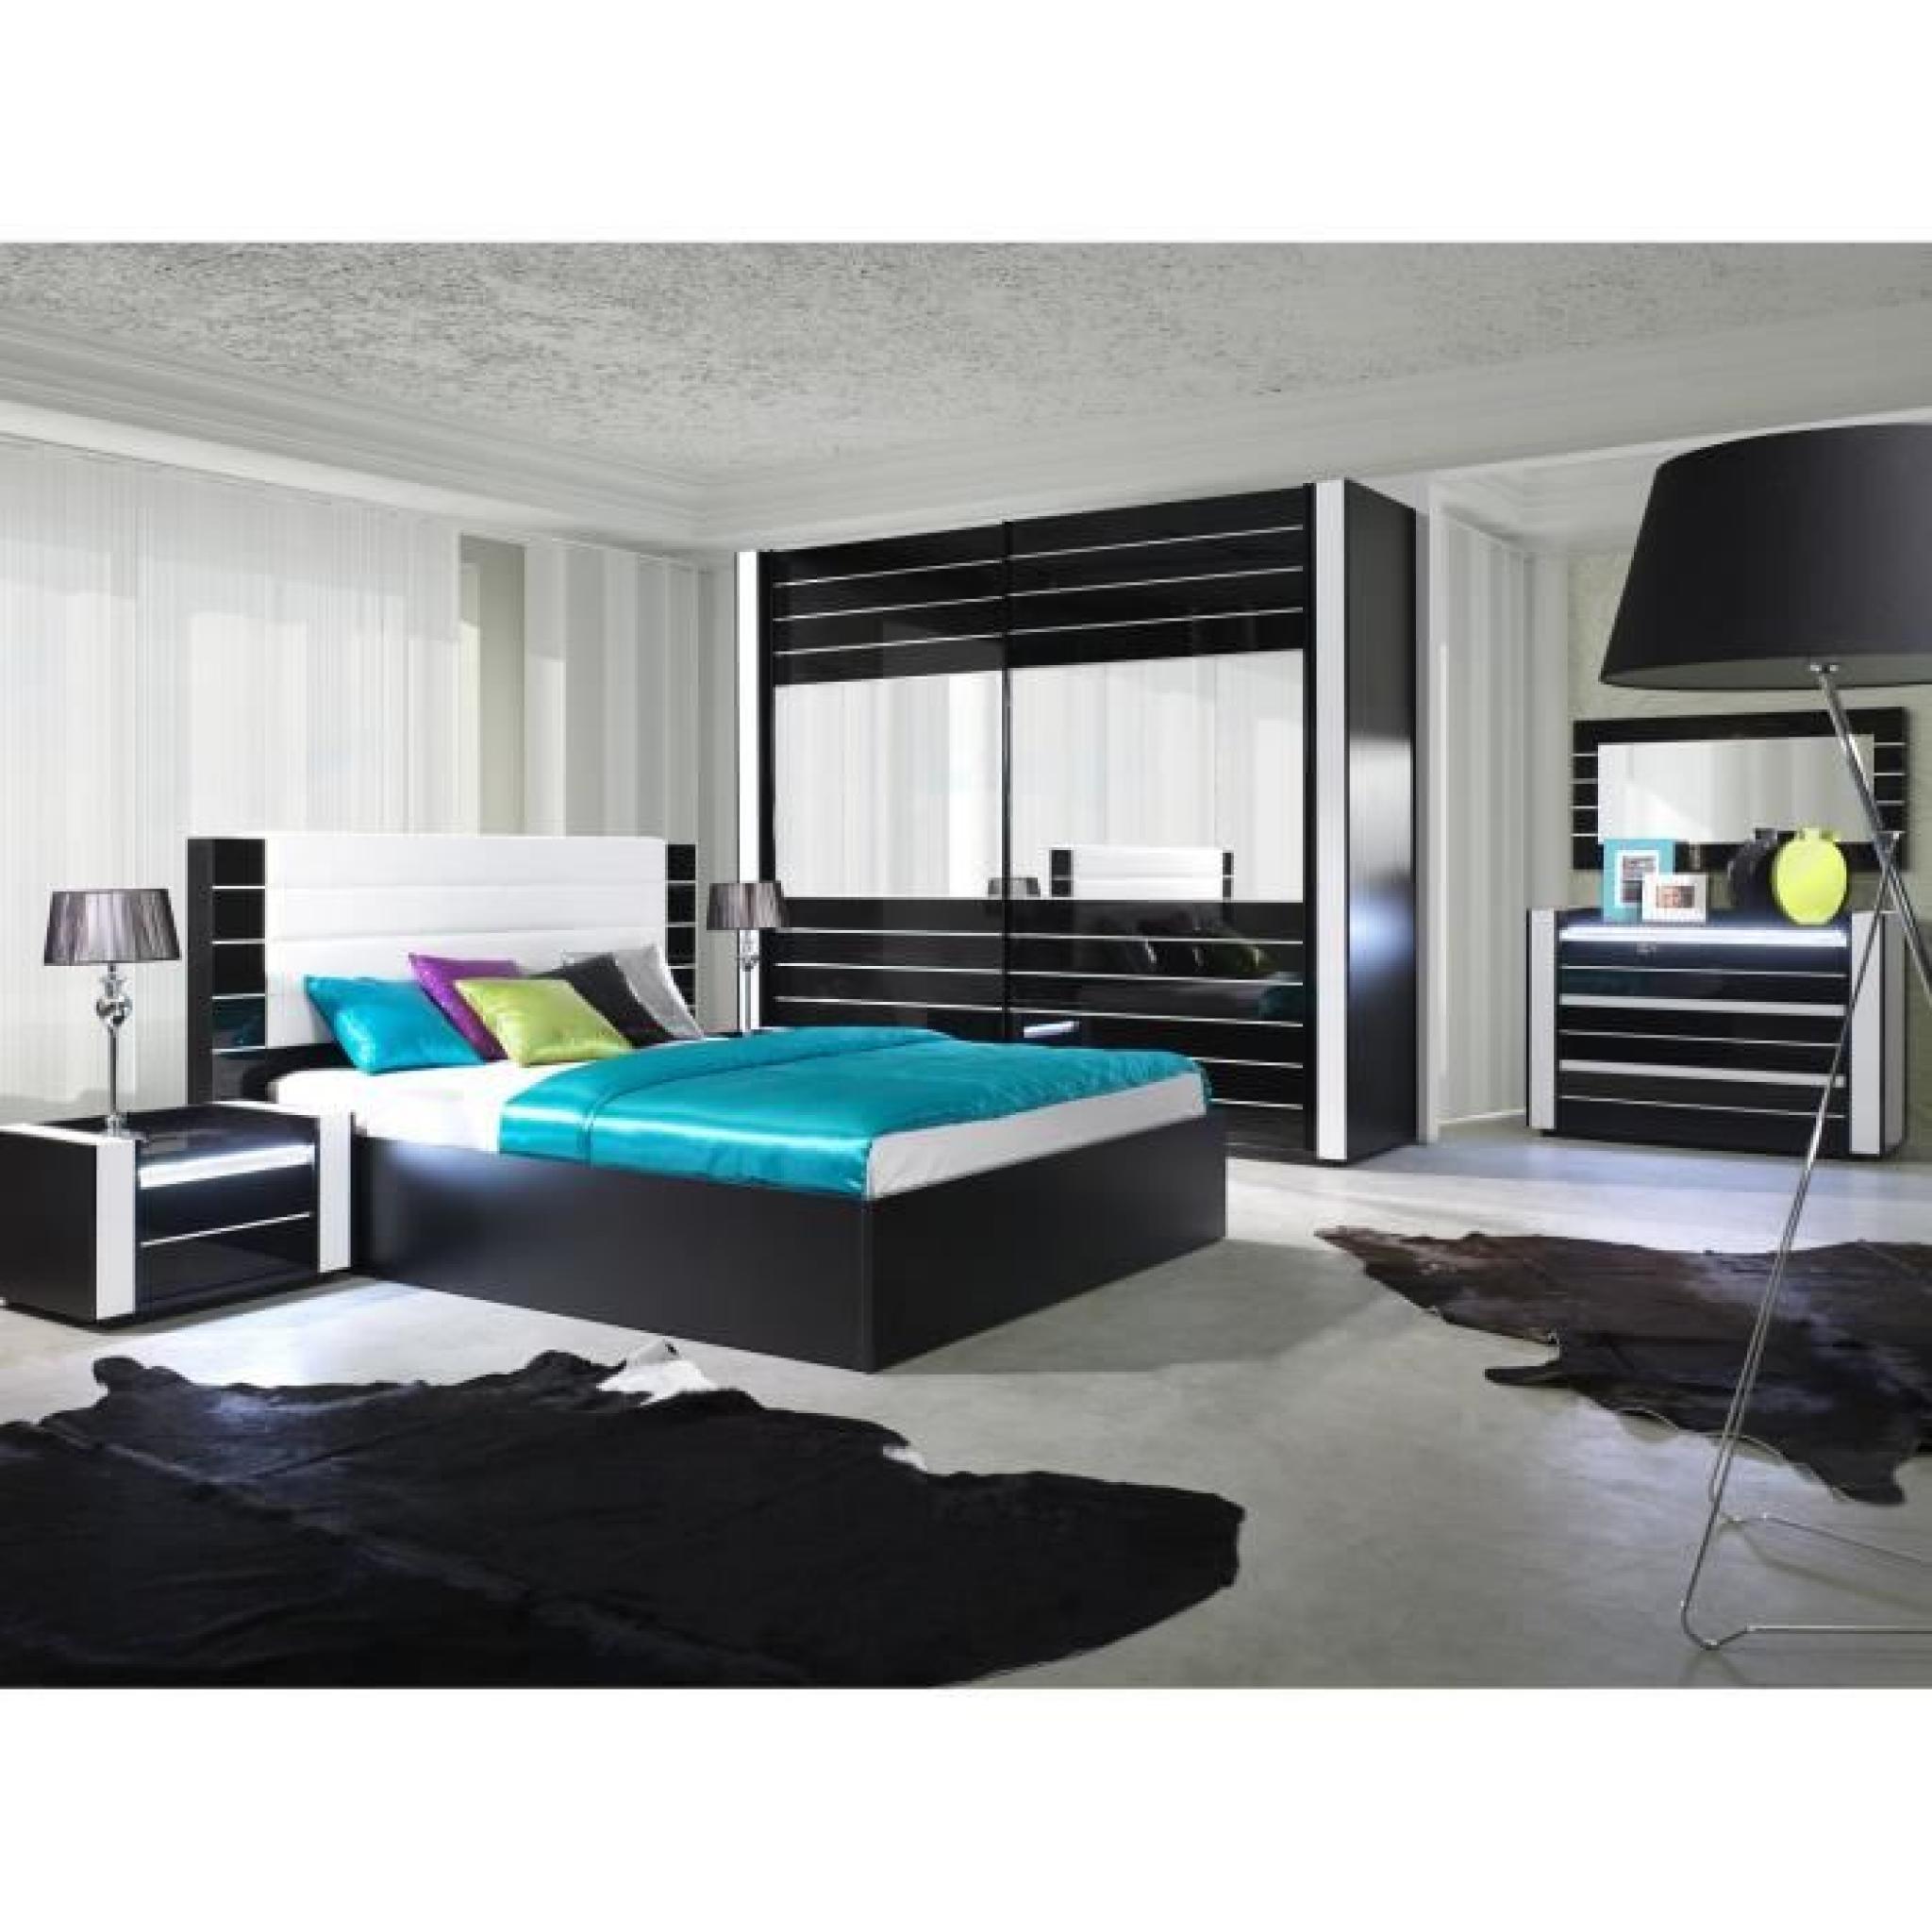 Armoire lina noir et blanche laqu e tout quip e meuble for Meuble pour chambre adulte